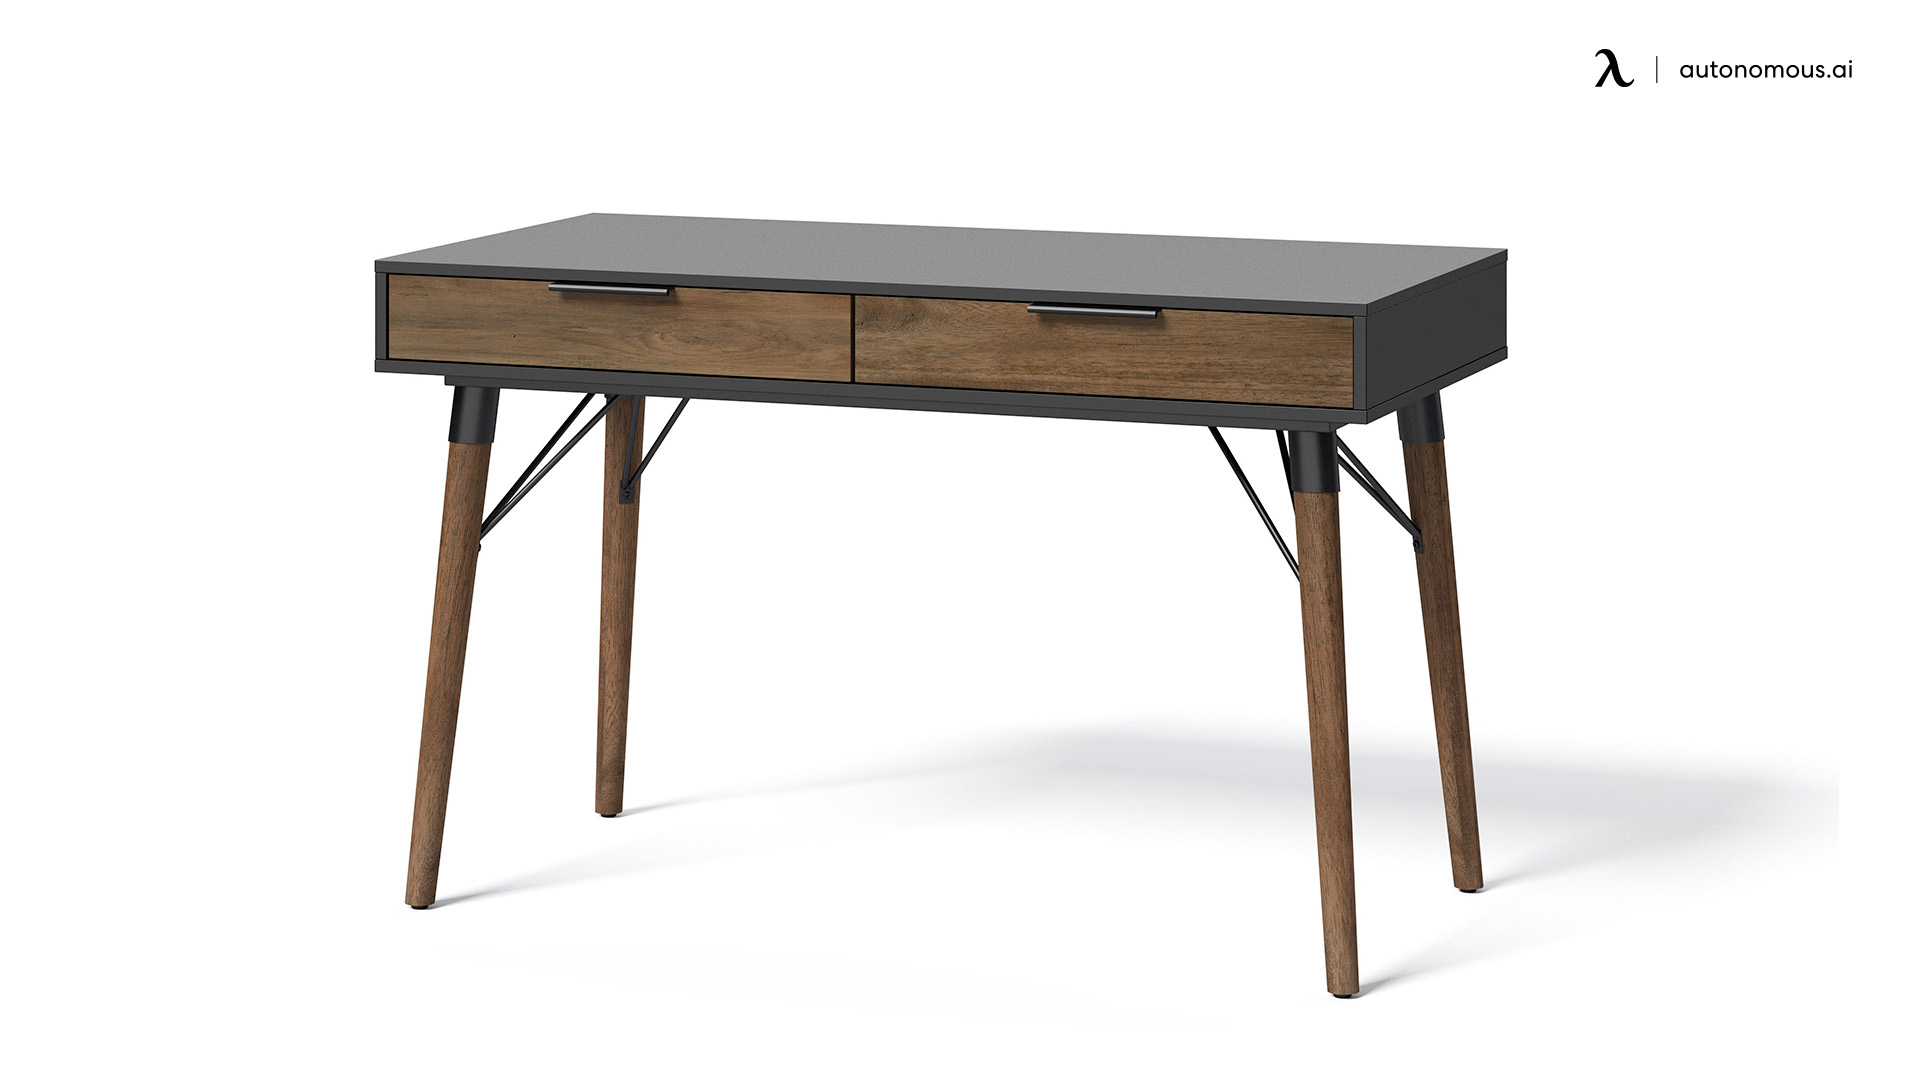 The Elle Décor Dani Writing Desk